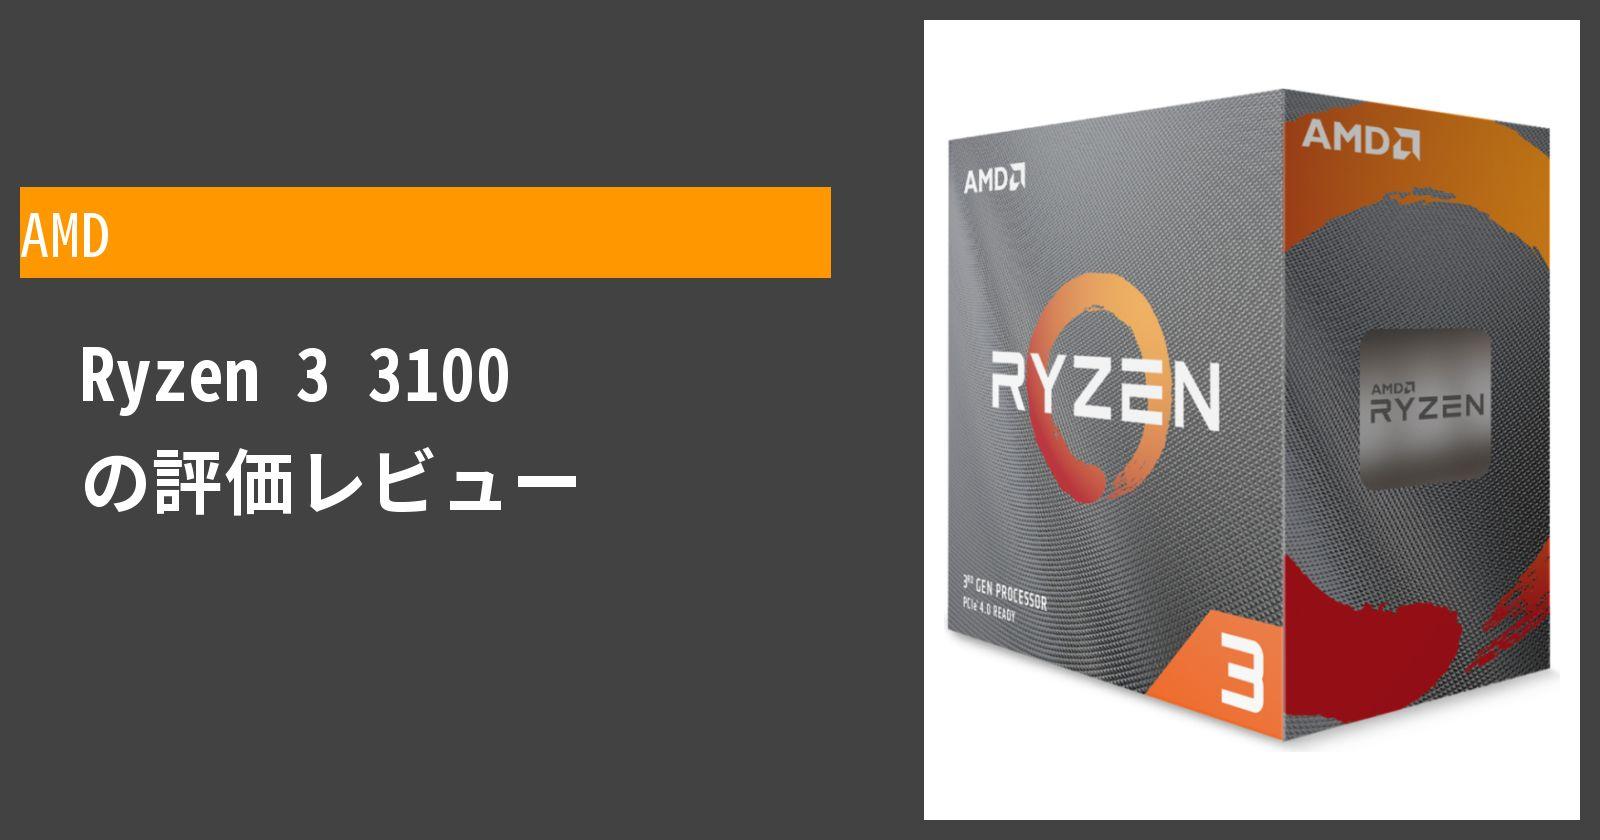 Ryzen 3 3100を徹底評価